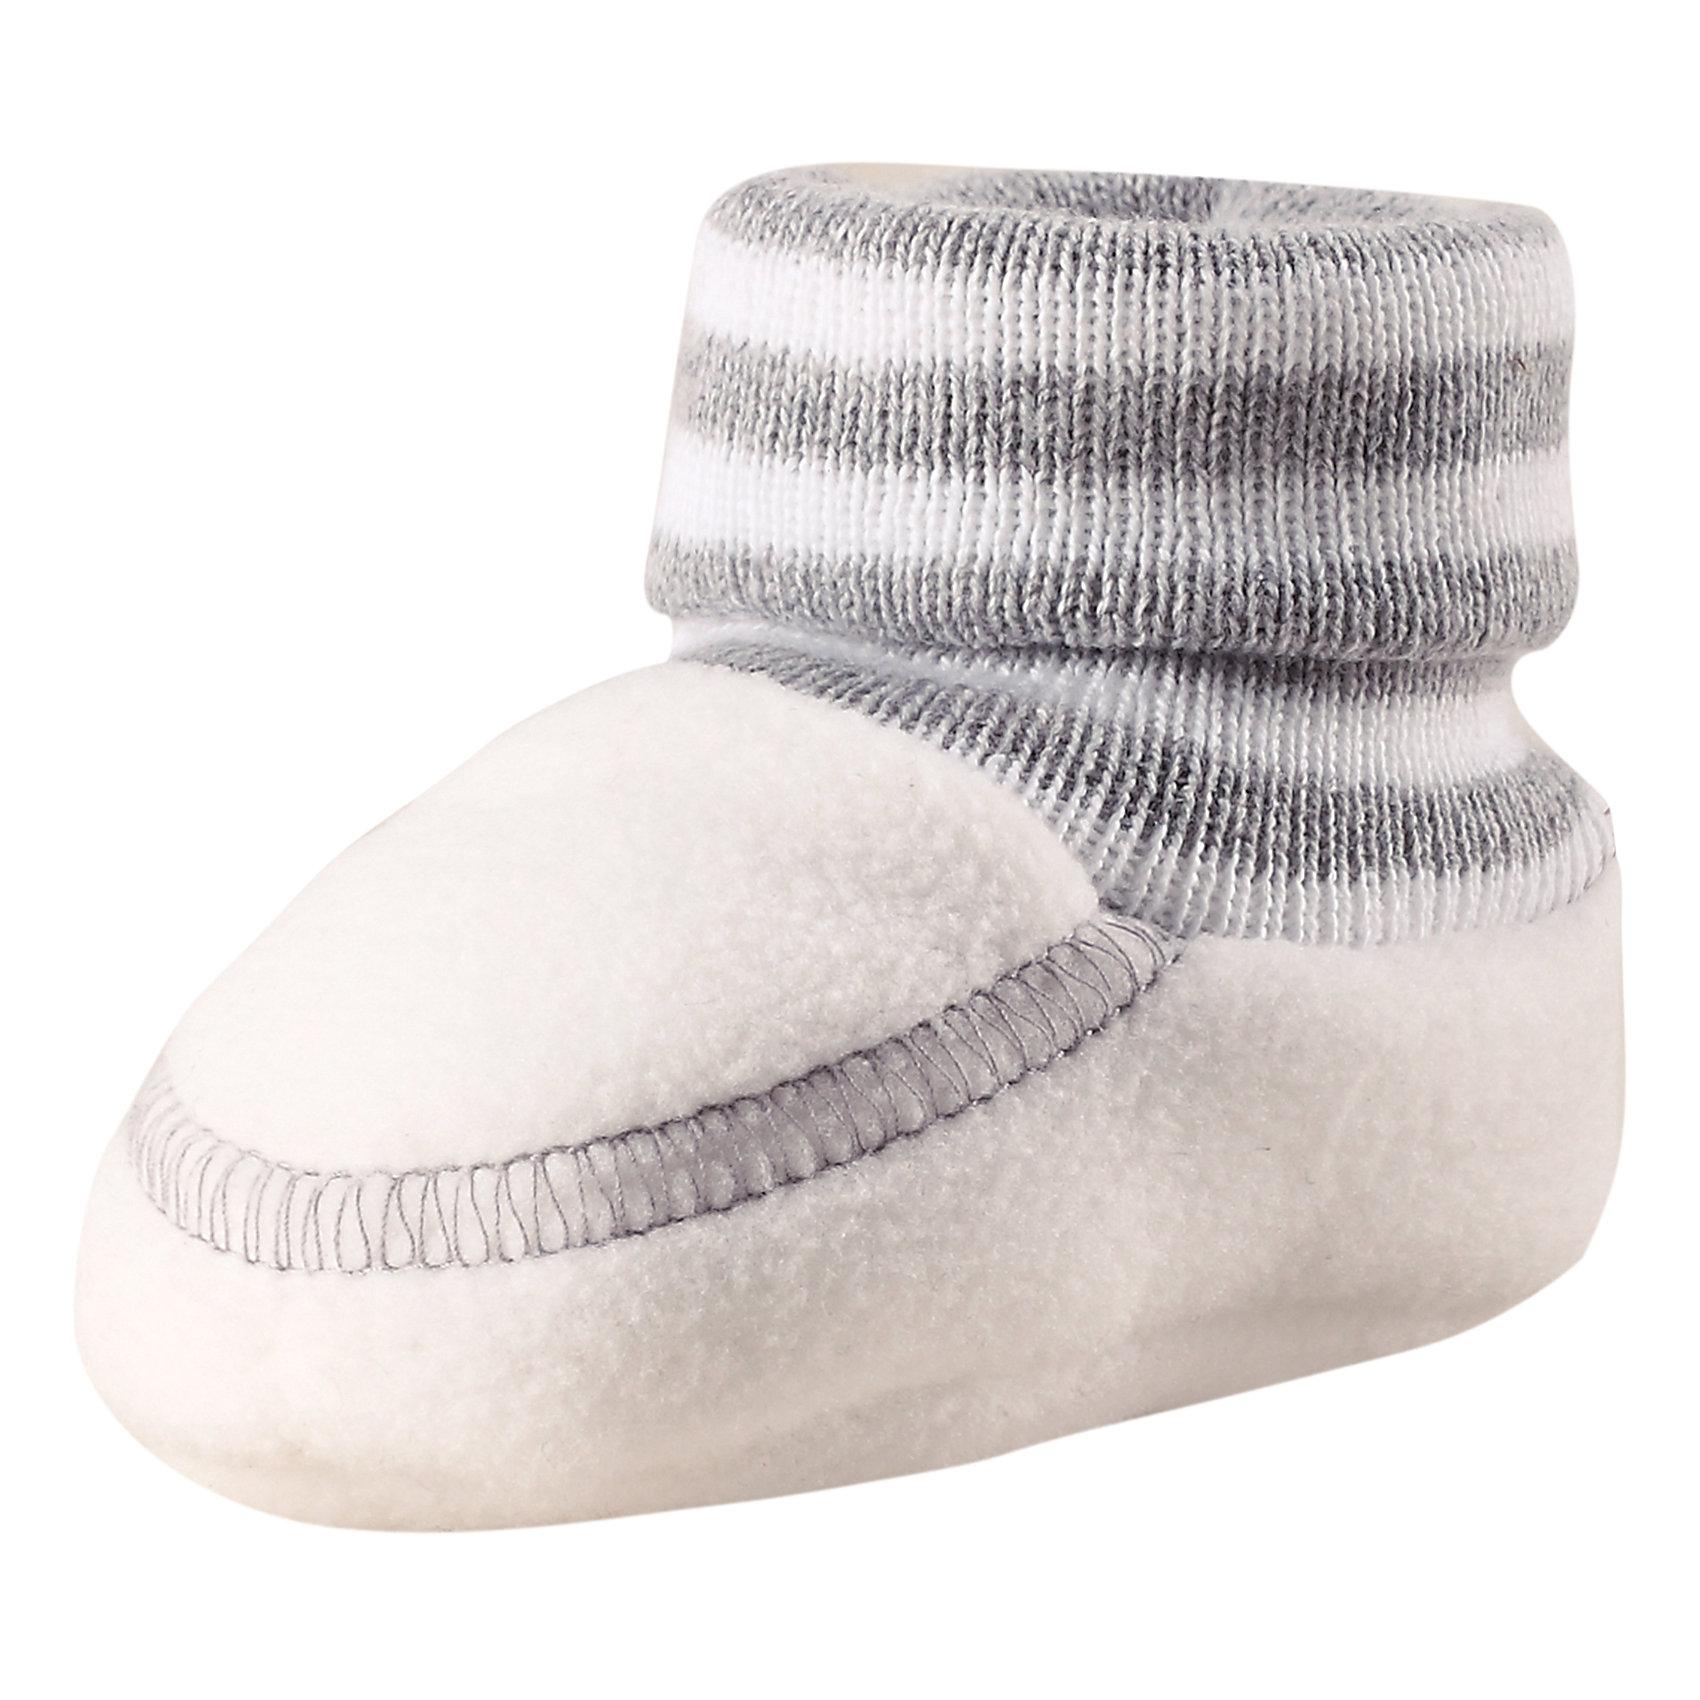 Пинетки Minute ReimaХарактеристики товара:<br><br>• цвет: белый<br>• материал: поларфлис<br>• состав: 100% полиэстер<br>• теплый, легкий и быстросохнущий полярный флис<br>• эластичный хлопковый трикотаж<br>• основной материал сертифицирован Oeko-Tex, класс 1, одежда для малышей<br>• сплошная подкладка из хлопкового трикотажа<br>• декоративный логотип<br>• без утеплителя<br>• страна производства: Китай<br>• страна бренда: Финляндия<br>• коллекция: весна-лето 2017<br><br>Reima представляет пинетки для малышей. Они помогут обеспечить ребенку комфорт и удобство. Пинетки отлично смотрятся с различной одеждой. Изделия удобно сидят и модно выглядят, в их основе мягкий и теплый материал. Стильный дизайн разрабатывался специально для детей.<br><br>Одежда и обувь от финского бренда Reima пользуется популярностью во многих странах. Эти изделия стильные, качественные и удобные. Для производства продукции используются только безопасные, проверенные материалы и фурнитура. Порадуйте ребенка модными и красивыми вещами от Reima! <br><br>Пинетки для мальчика от финского бренда Reima (Рейма) можно купить в нашем интернет-магазине.<br><br>Ширина мм: 152<br>Глубина мм: 126<br>Высота мм: 93<br>Вес г: 242<br>Цвет: белый<br>Возраст от месяцев: 0<br>Возраст до месяцев: 12<br>Пол: Унисекс<br>Возраст: Детский<br>Размер: 0,1<br>SKU: 5271178